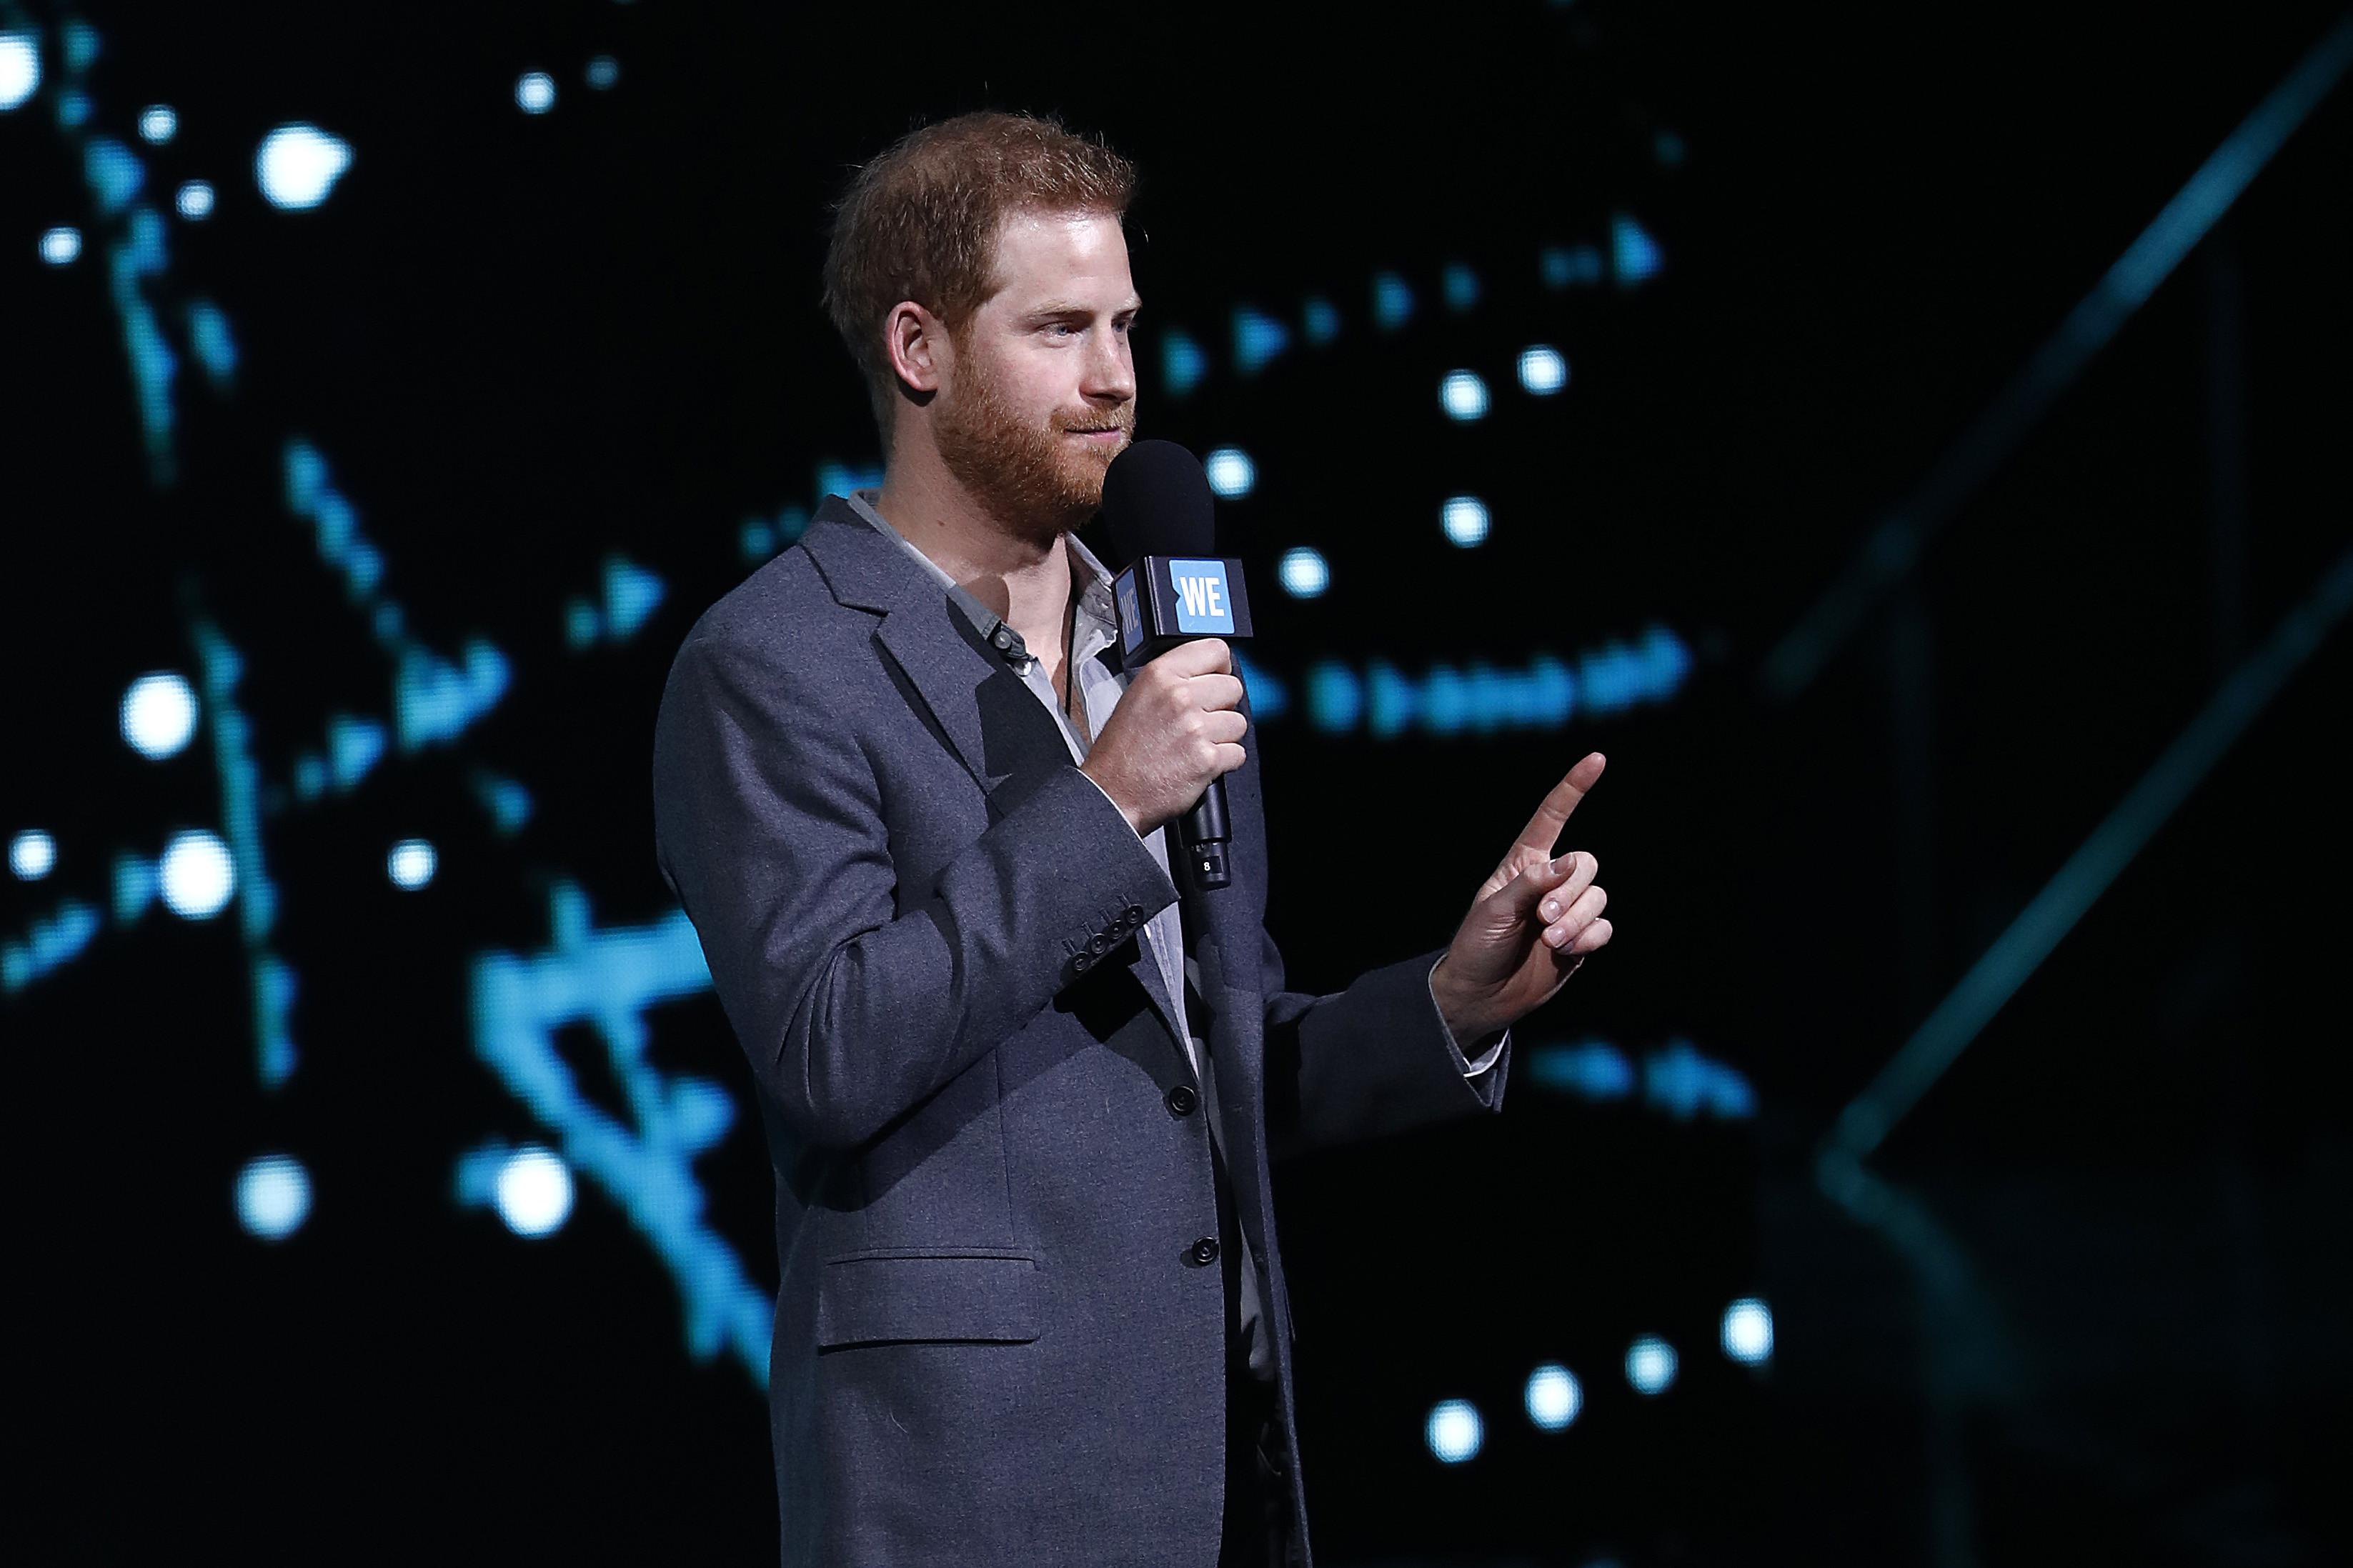 'Faz o que eu digo...': Príncipe Harry acusado de ser hipócrita